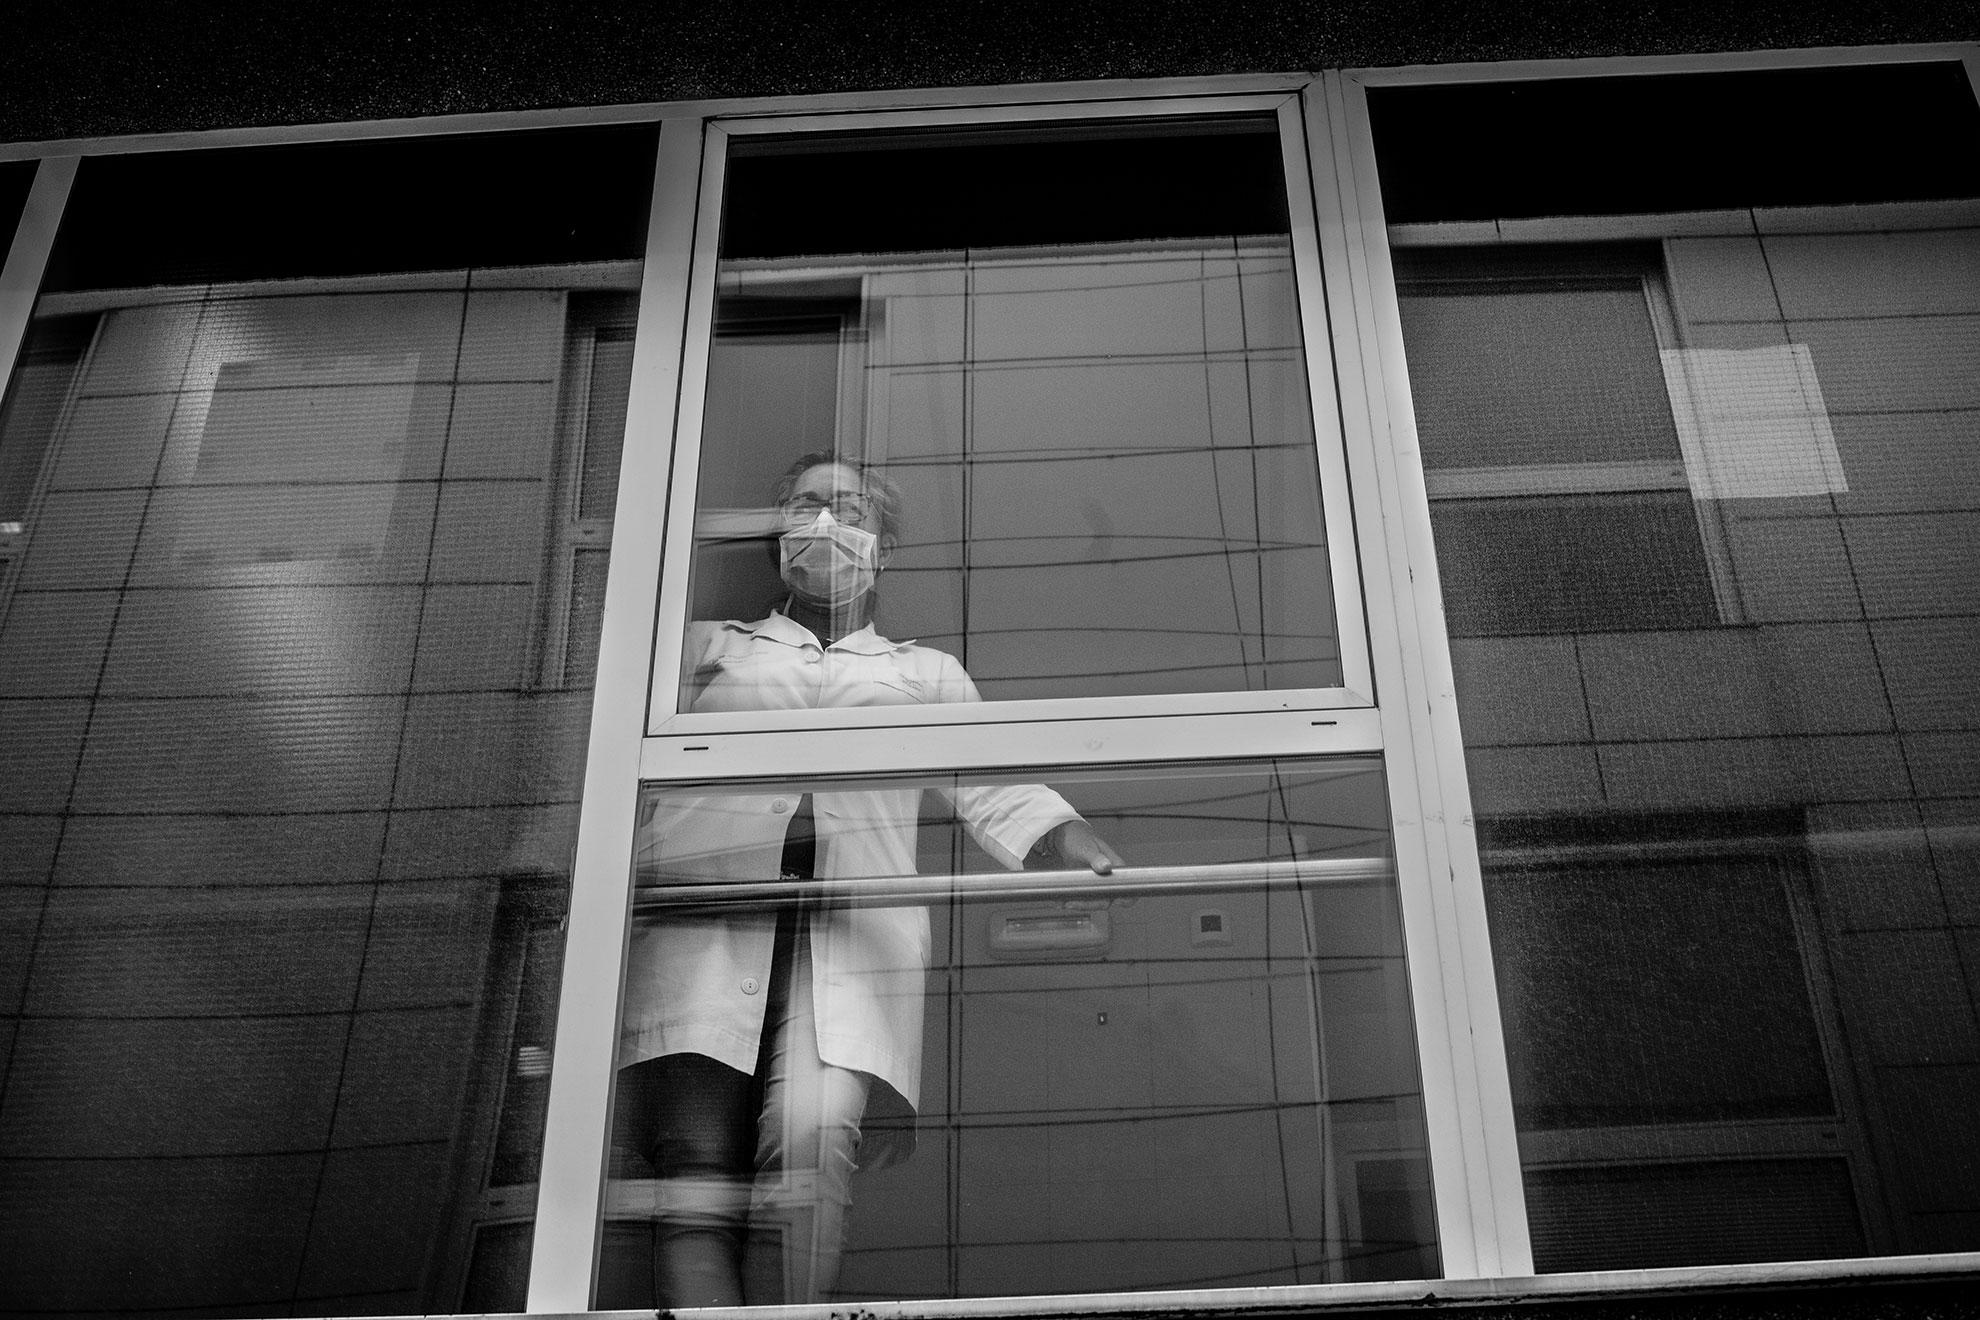 En esta foto realizada el 19 de marzo de 2020, una trabajadora del hospital Universitario de Gijón observa los trabajos de desinfección realizados por miembros de la UME (Unidad Militar de Emergencias) en el exterior del complejo. Gijón, Asturias, España.